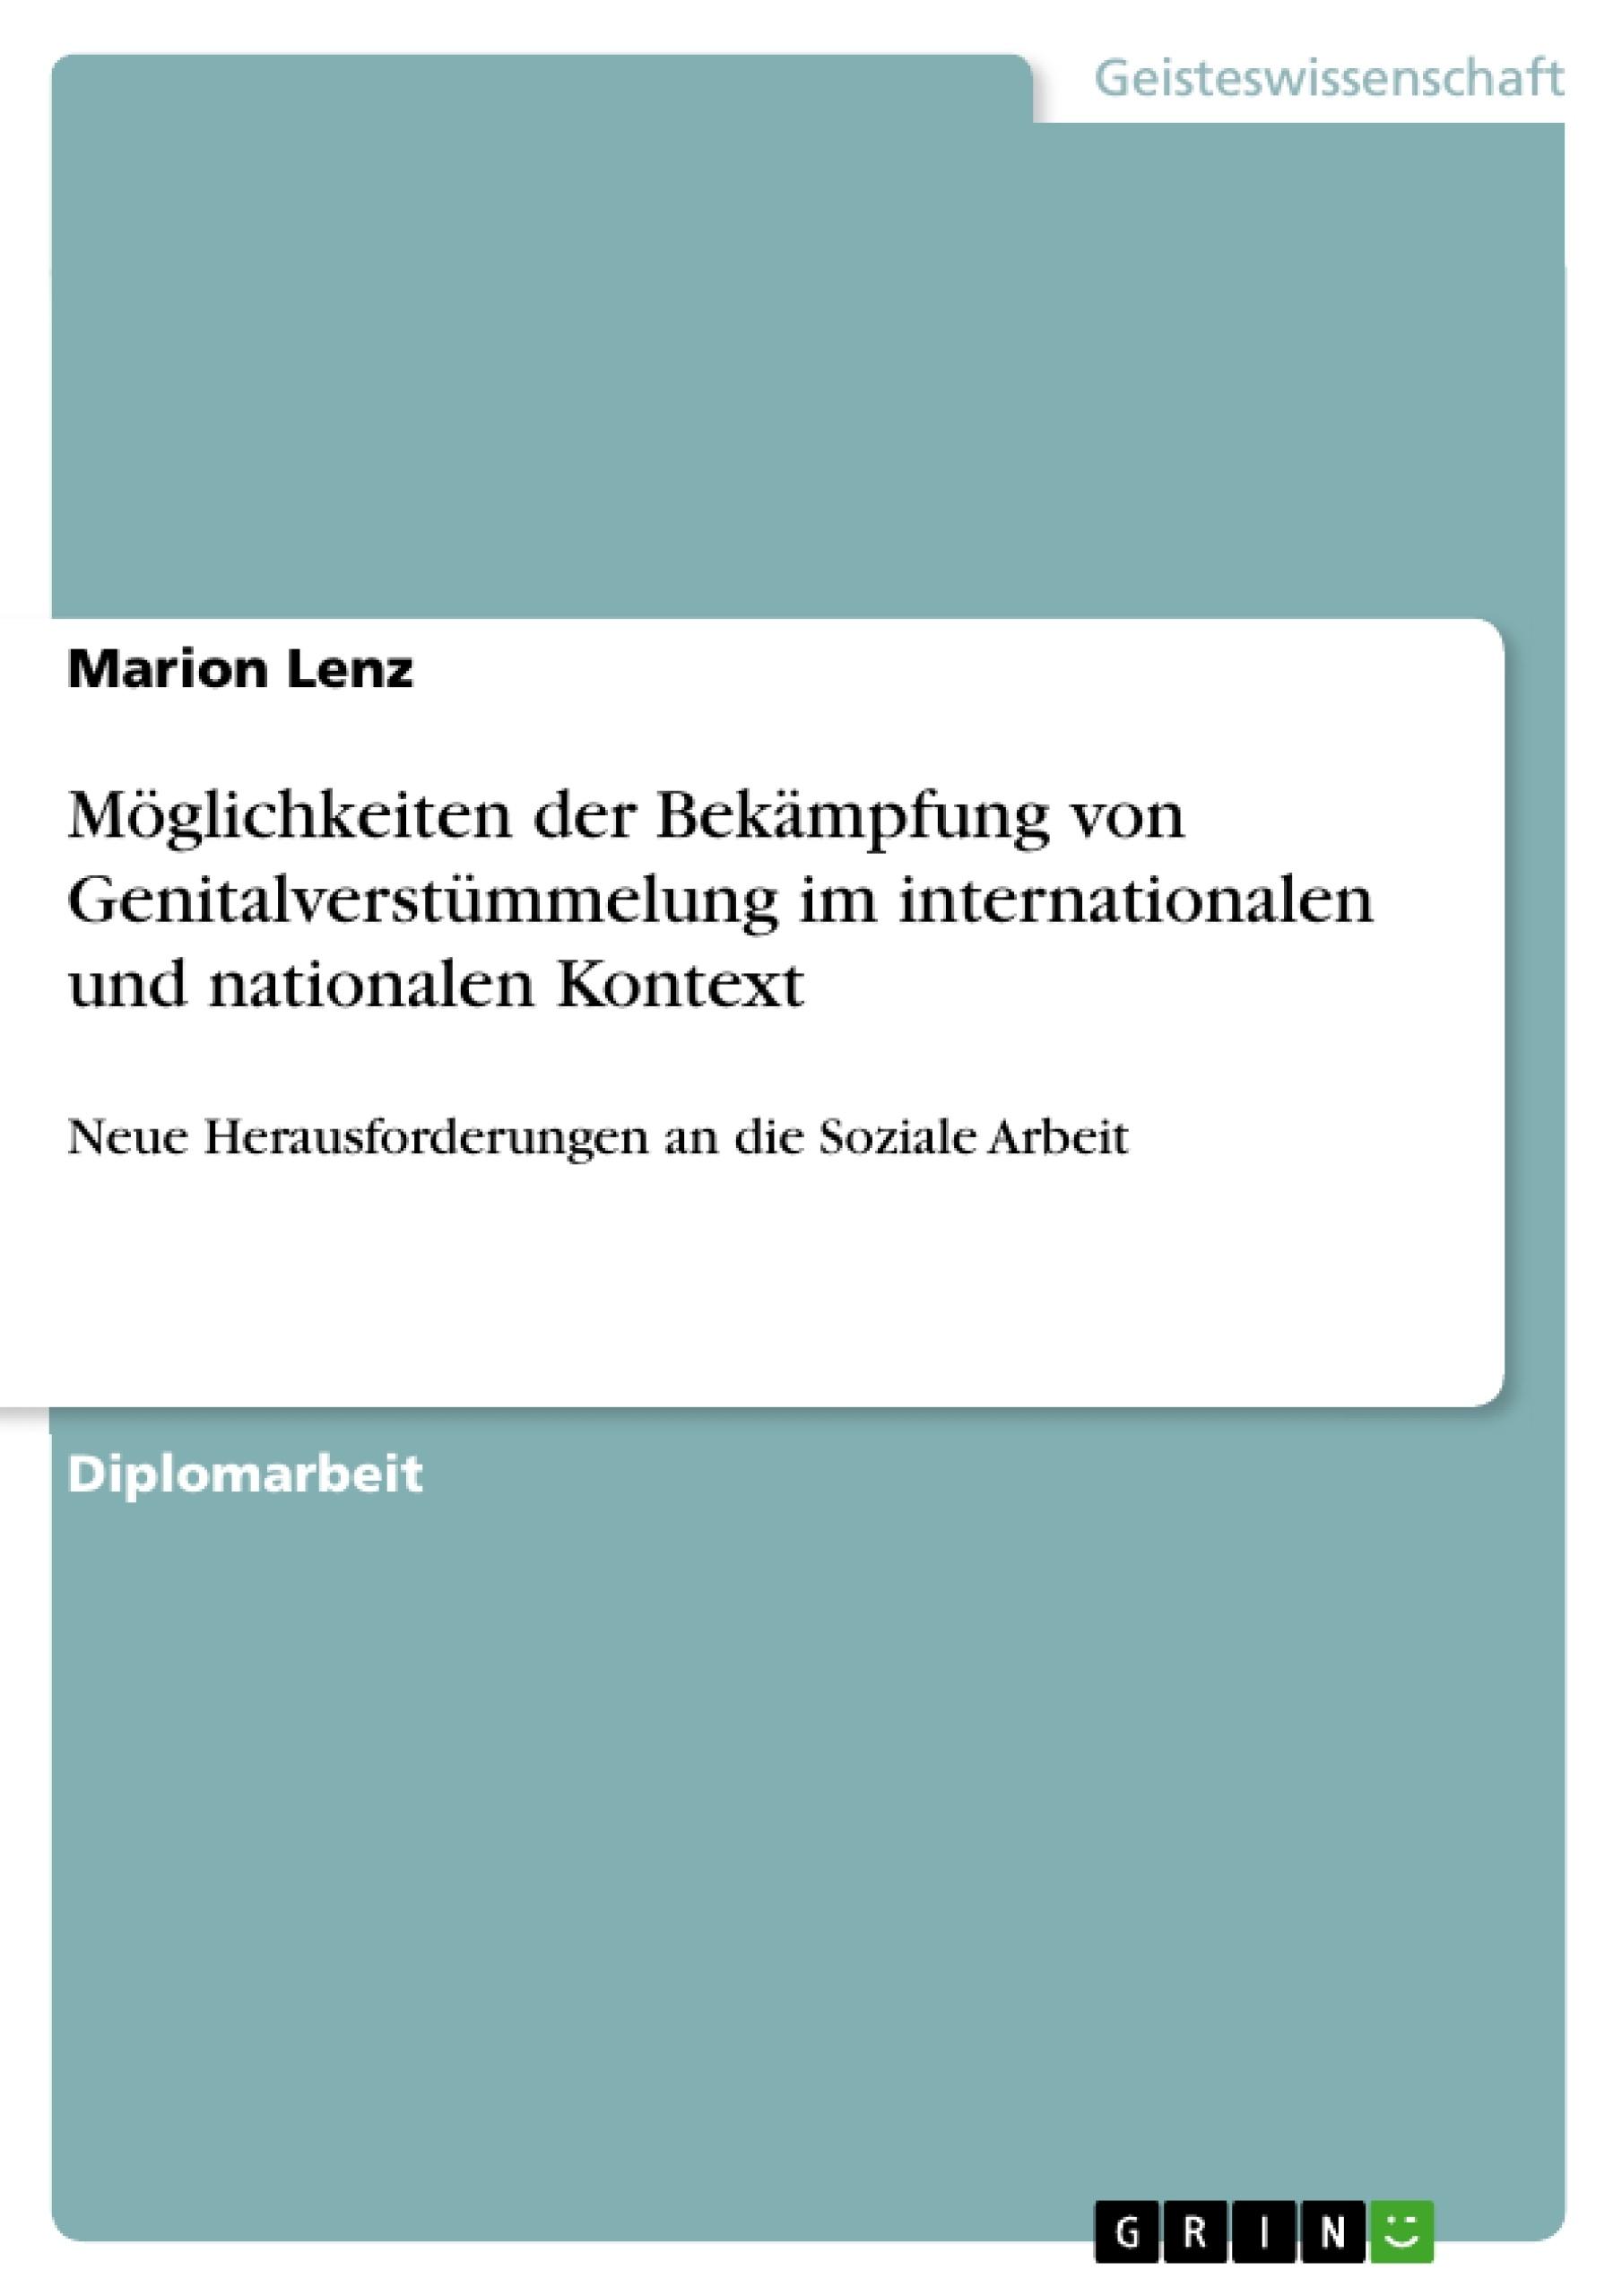 Titel: Möglichkeiten der Bekämpfung von Genitalverstümmelung im internationalen und nationalen Kontext